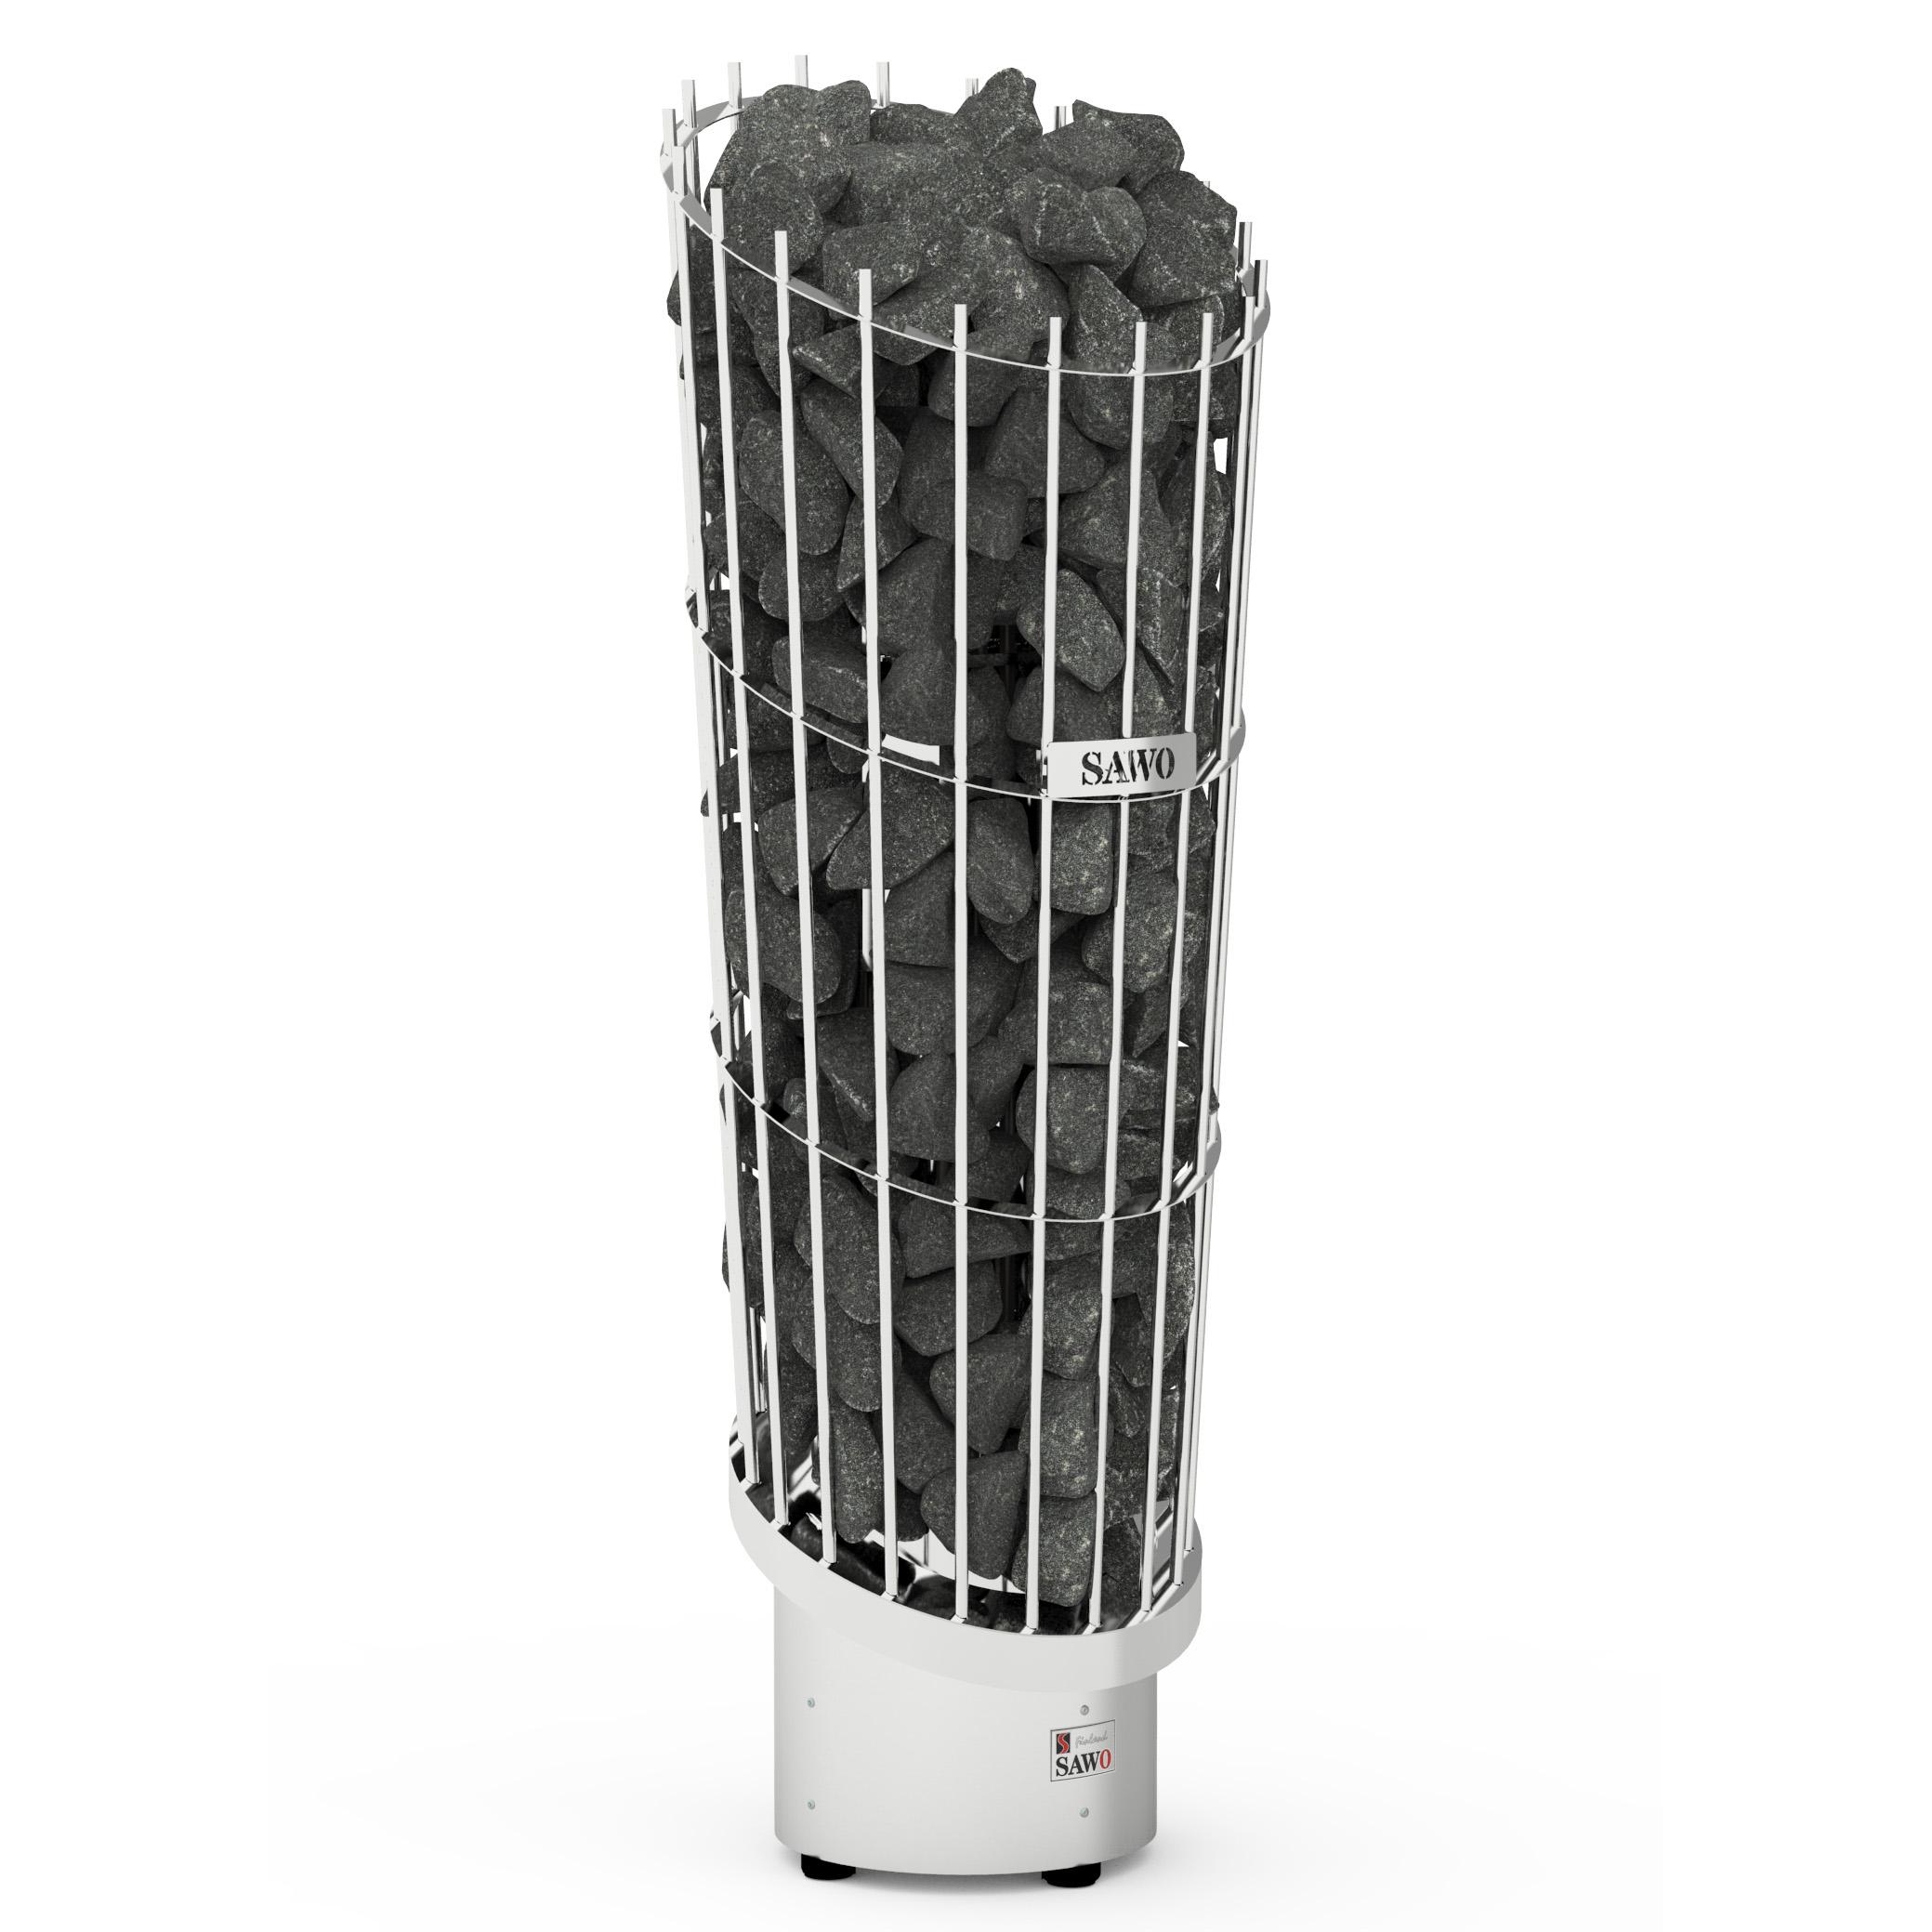 Sauna Electric heater Sawo Phoenix PNX3 4.5kW